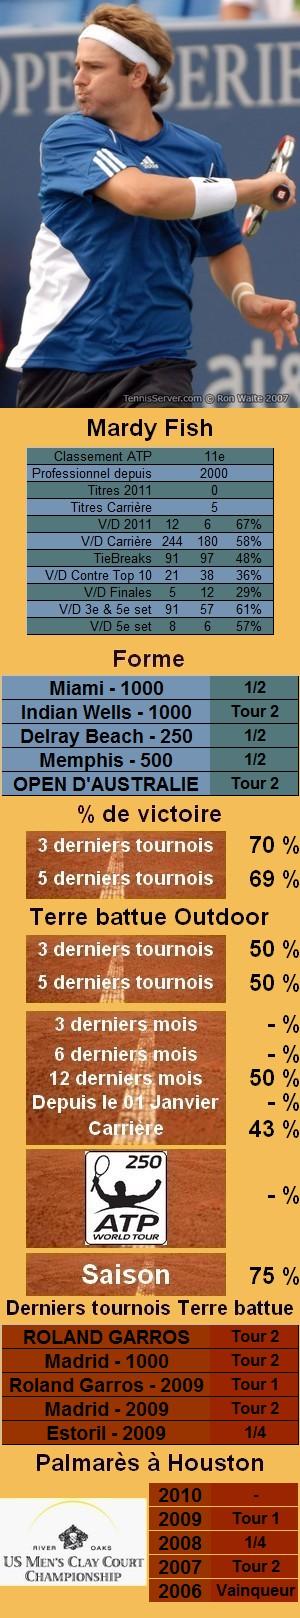 Les statistiques tennis de Mardy Fish pour le tournoi de Houston